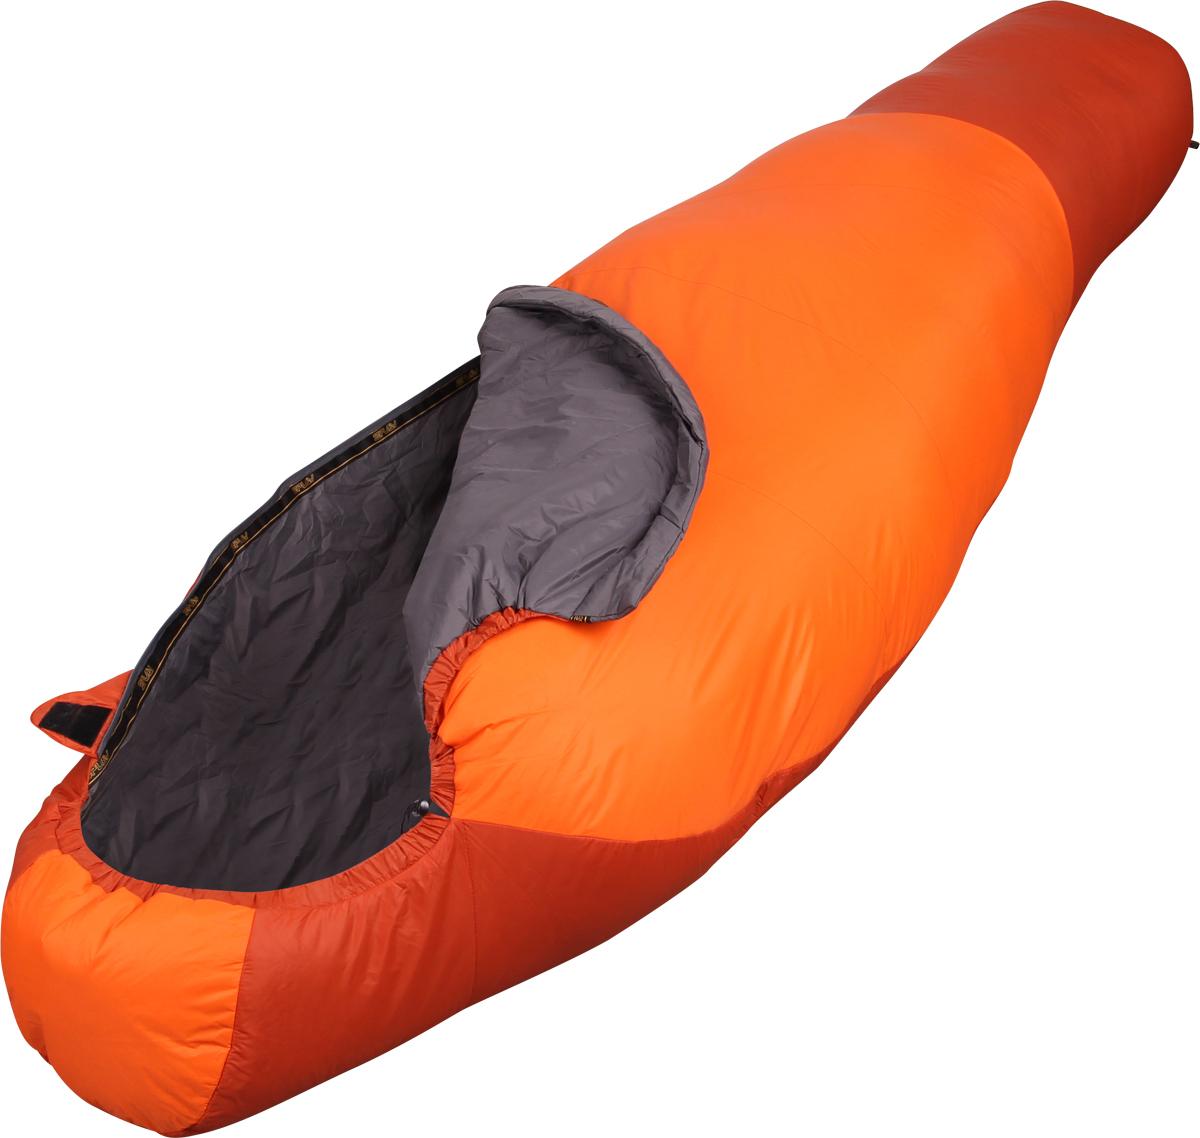 Мешок спальный Сплав Antris 120, левосторонняя молния, цвет: оранжевый, 175 x 75 x 45 см4505574Сверхлегкий, летний спальный мешок.